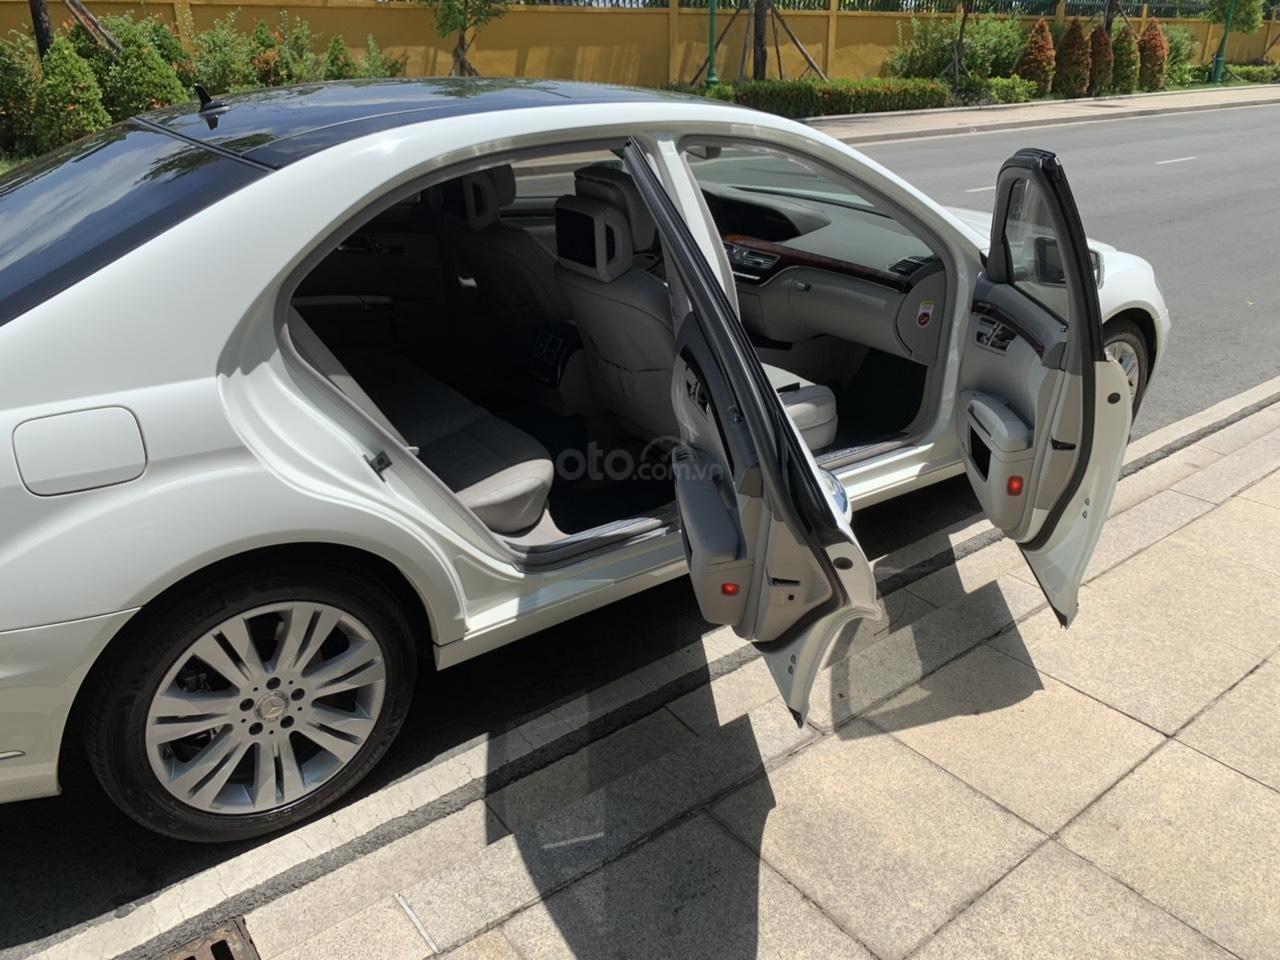 Mercedes S400 Hybrid 2012 nhập khẩu màu trắng, nội thất kem-9